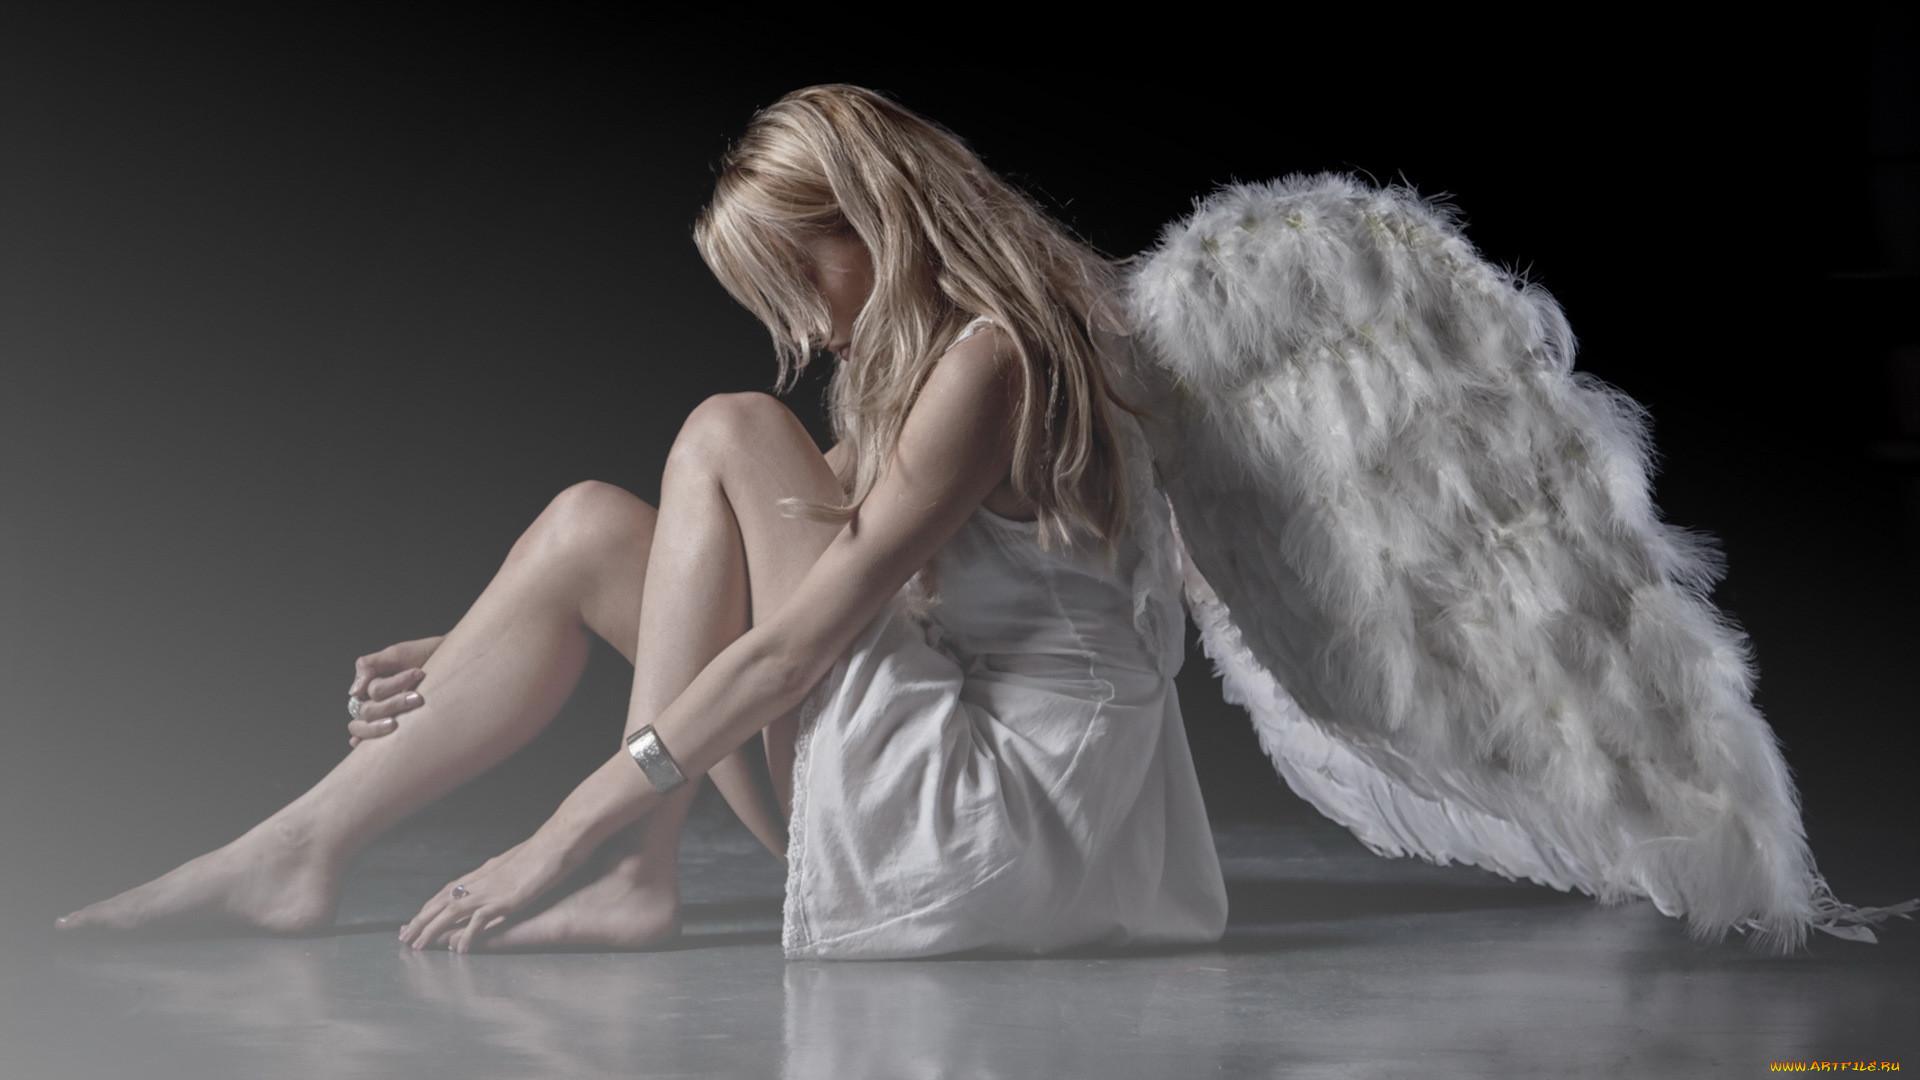 Крылья на девушке картинки